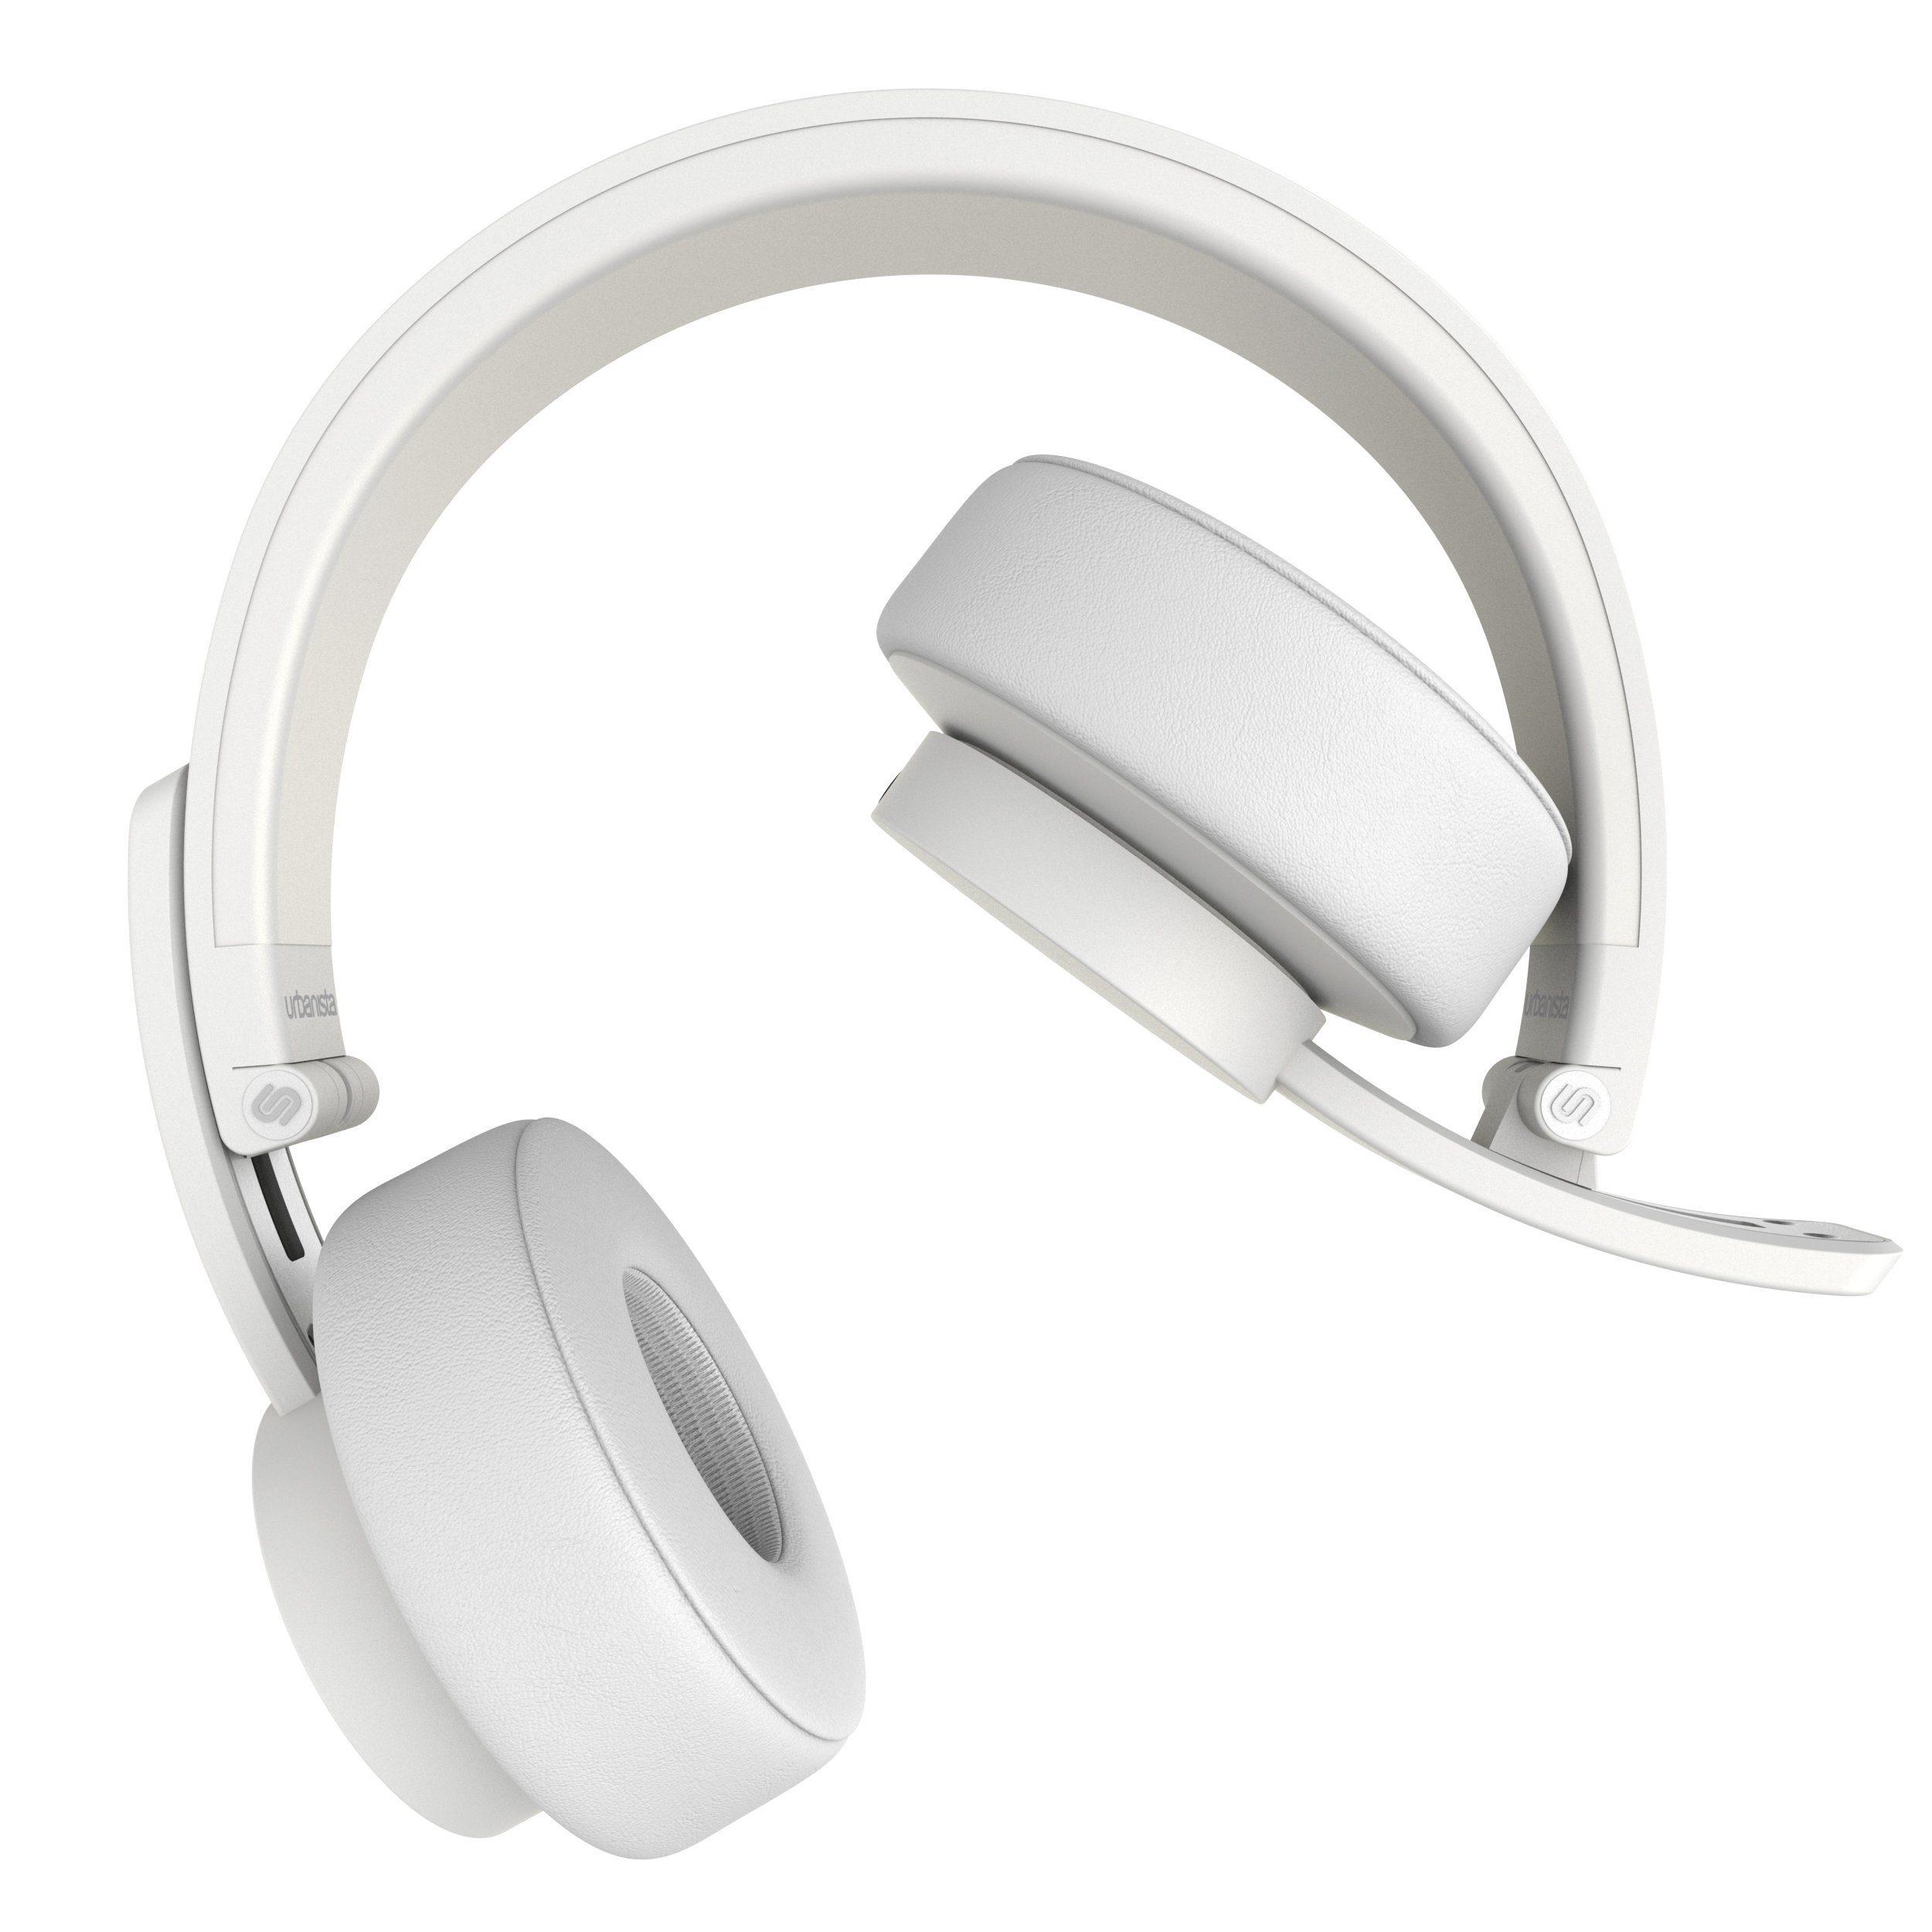 Urbanista On-Ear Kopfhörer mit integriertem Mikrofon